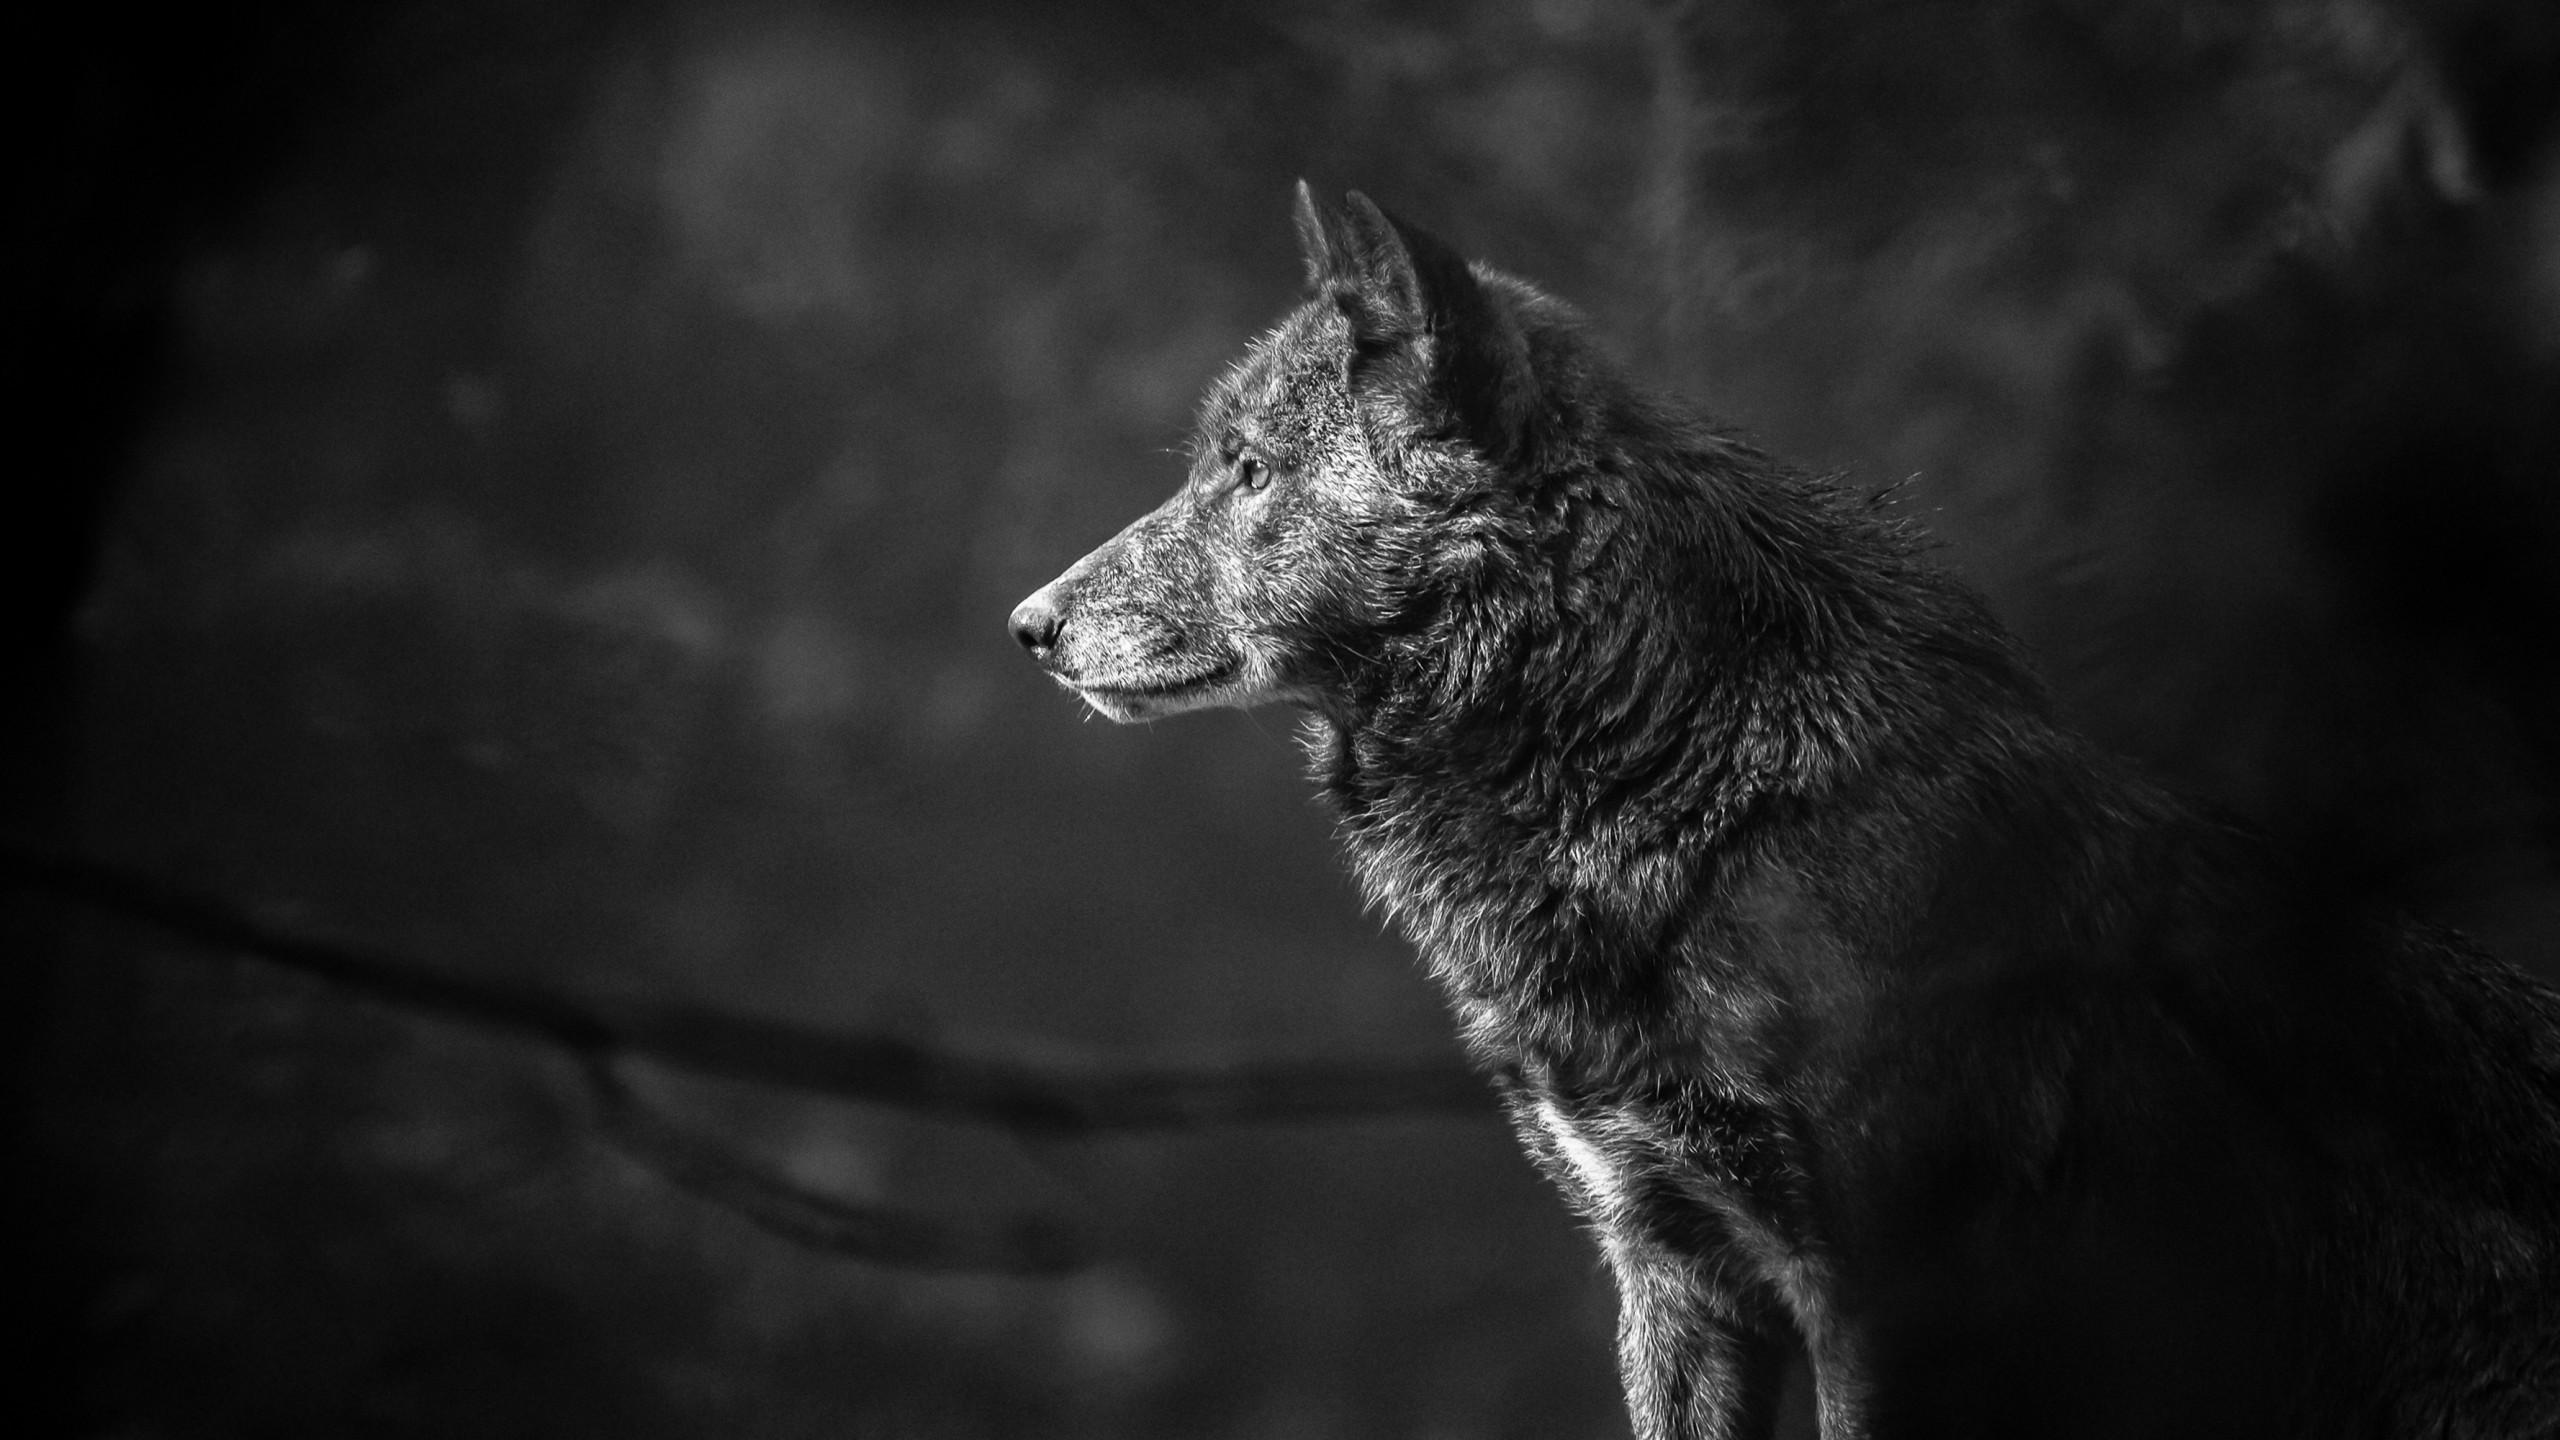 wolf 2560x1440 black 4k 19544